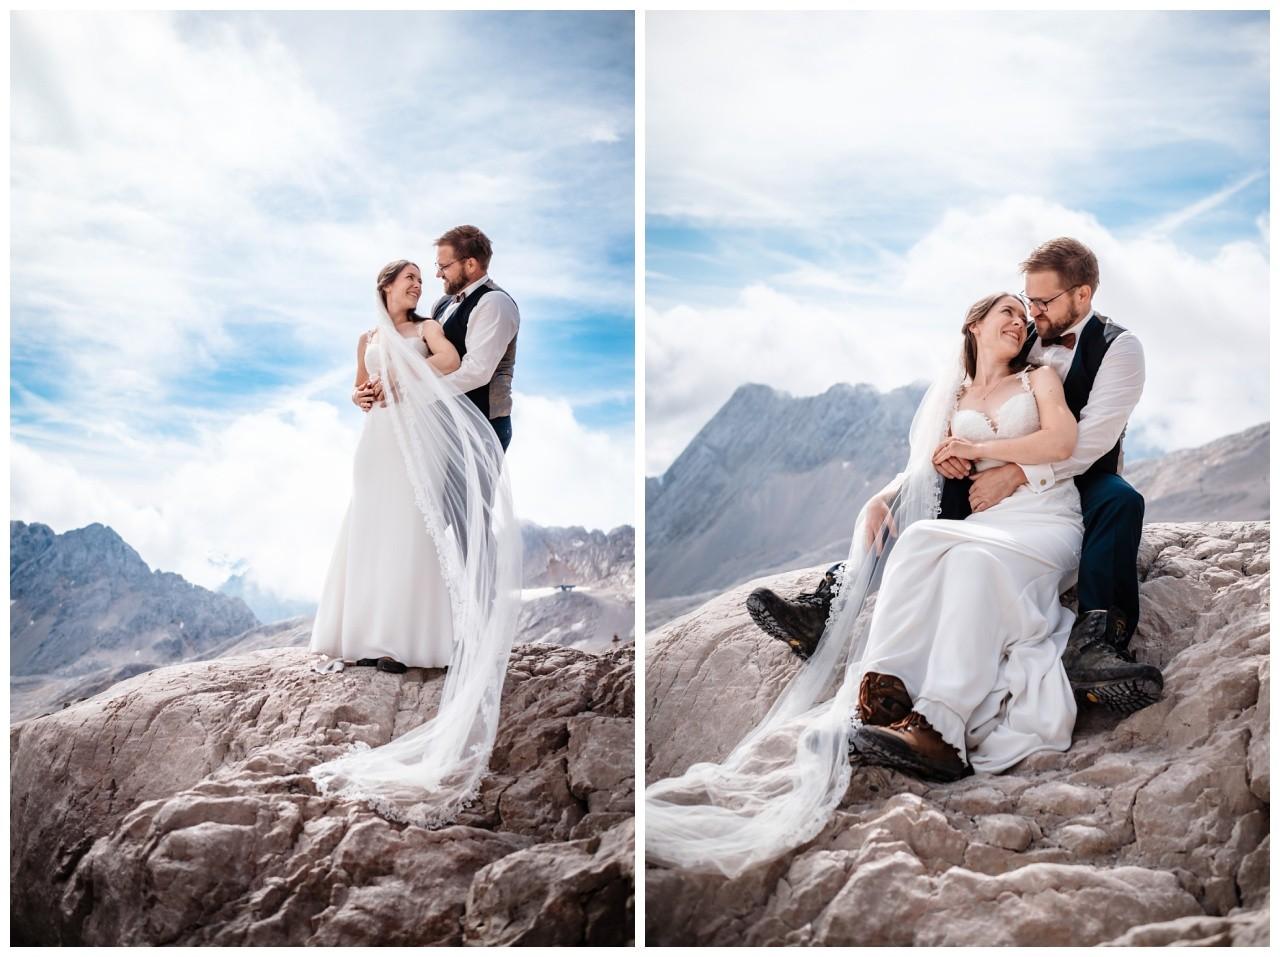 hochzeitsfoto eibsee zugspitze gamisch hochzeitsfotograf foto paarshooting 16 - Hochzeitsfotos am Eibsee